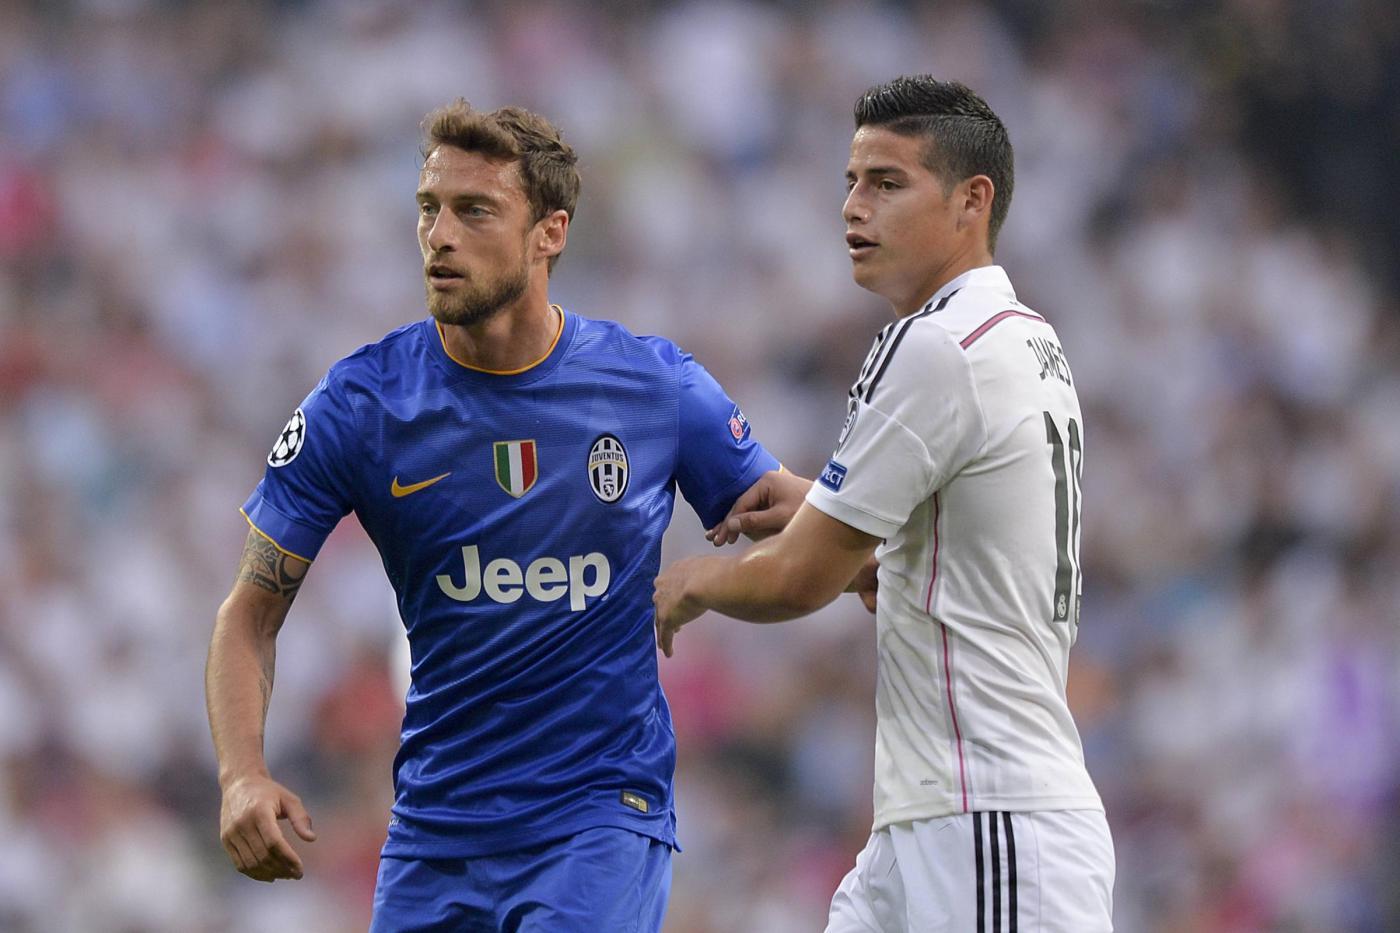 Calciomercato Inter, ecco l'offerta per James Rodriguez: i dettagli